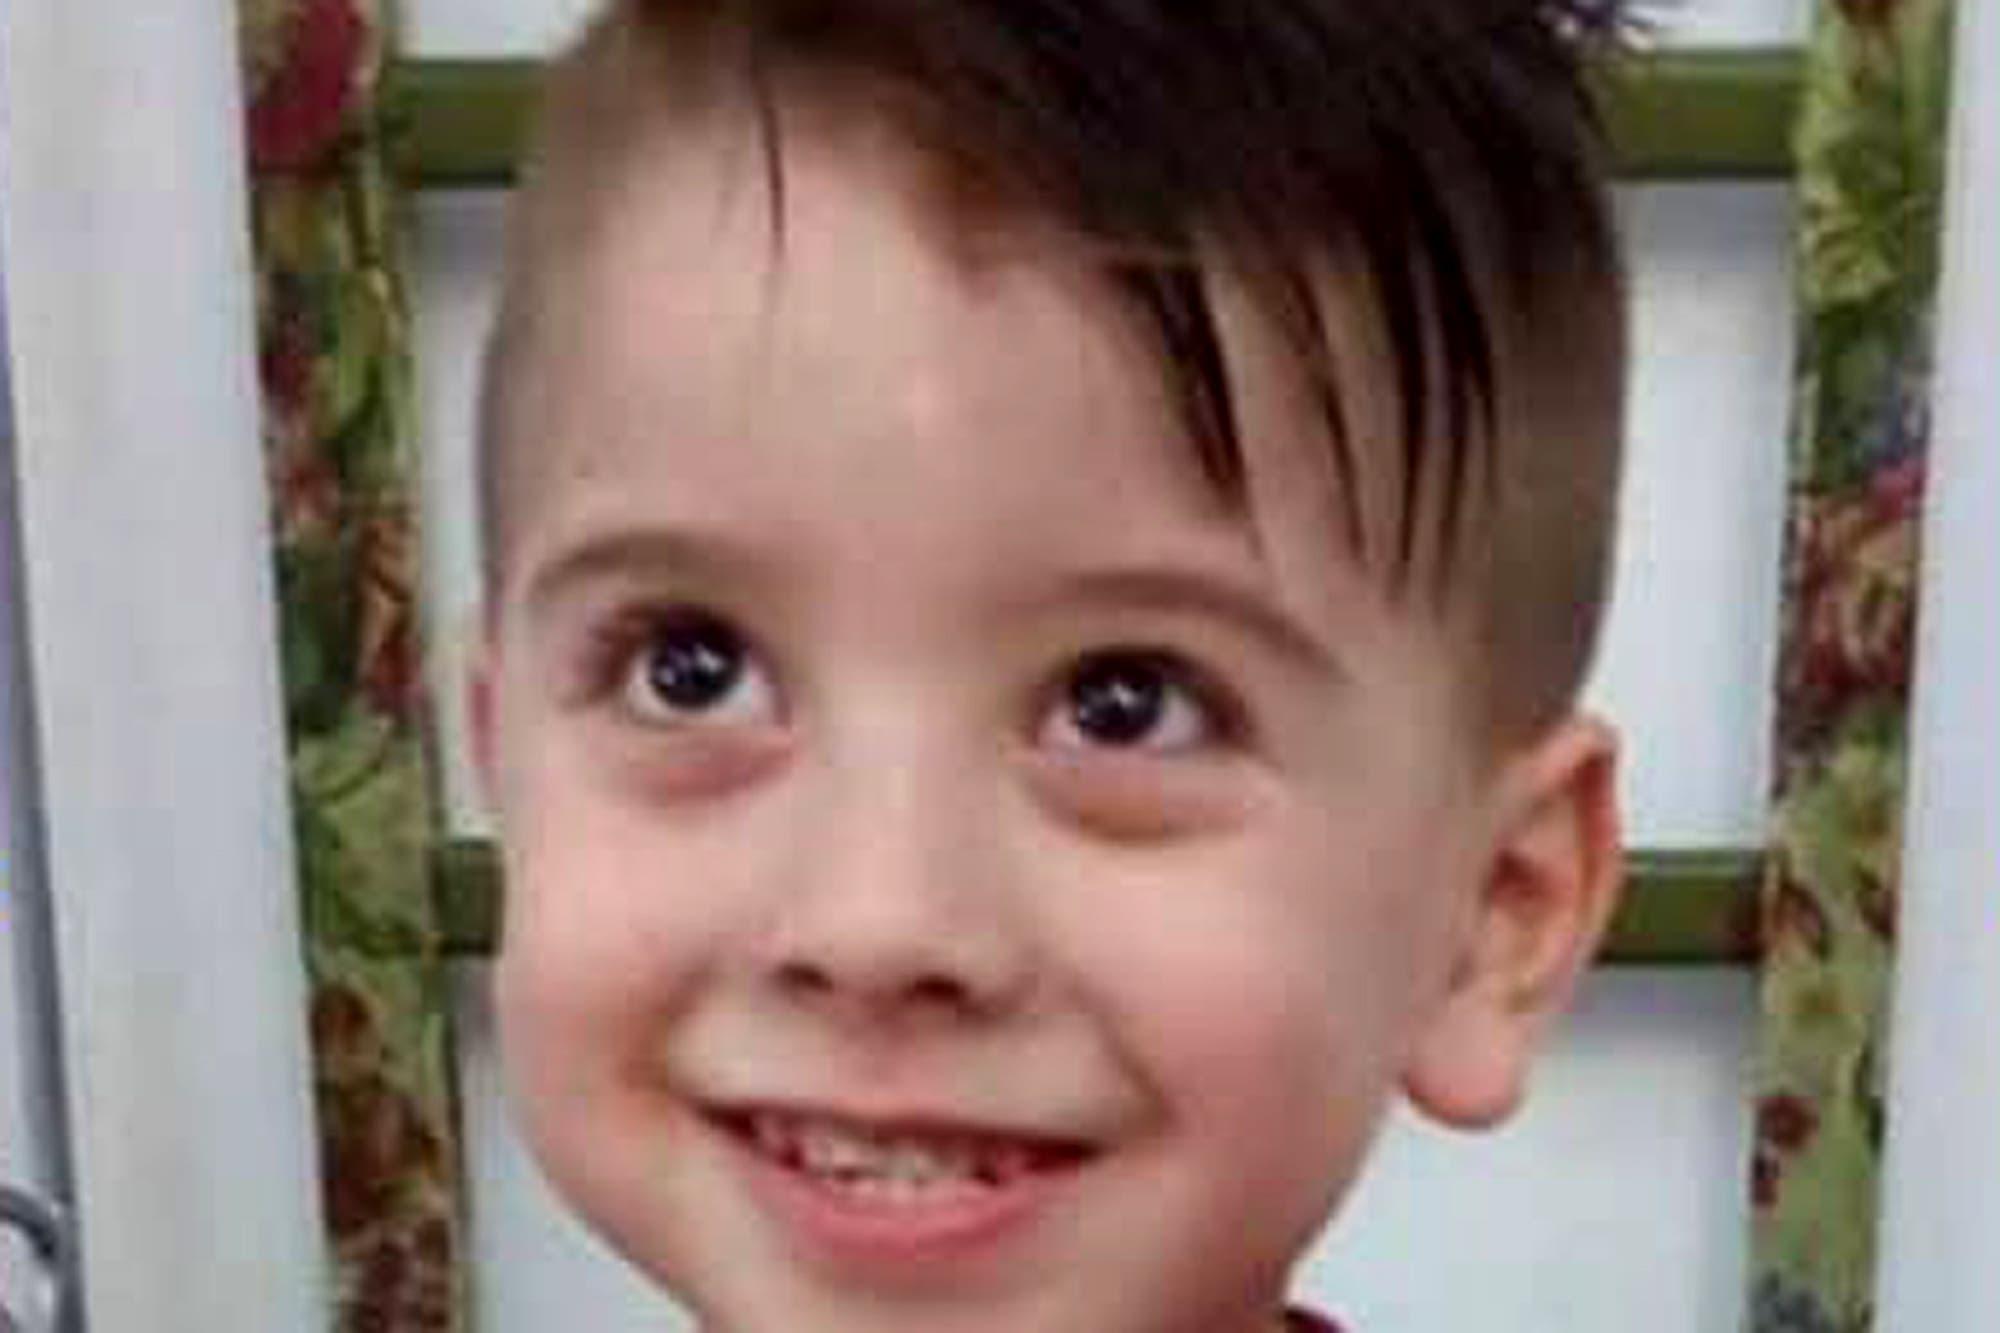 Se salvó de morir ahogado cuando tenía tres años, lo reanimaron y necesita viajar a Cuba para su rehabilitación